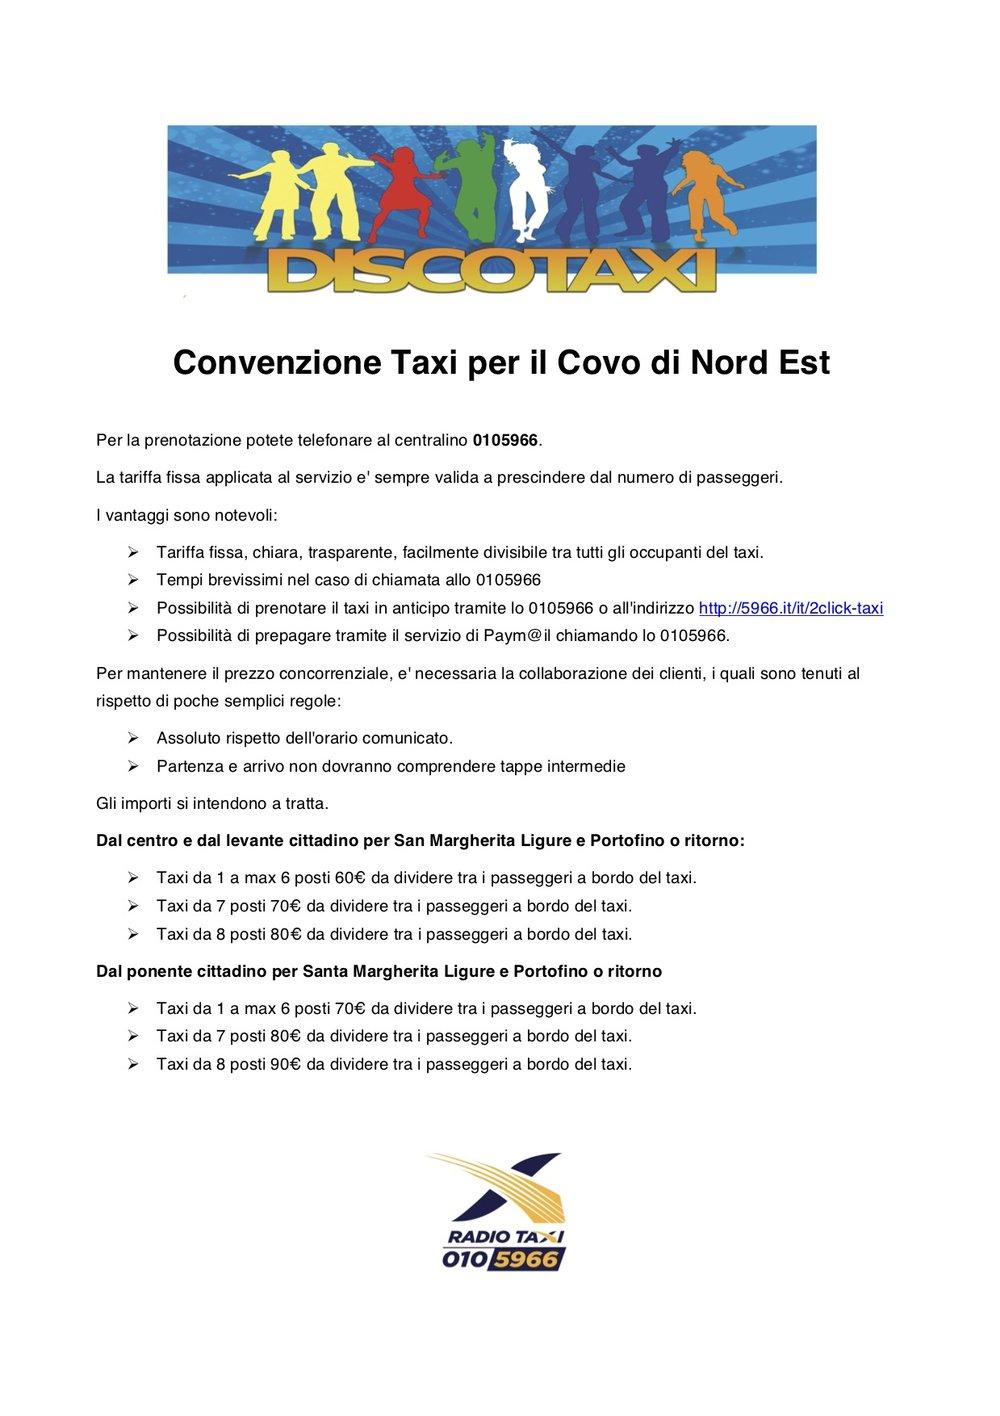 Taxi per Covo.jpg